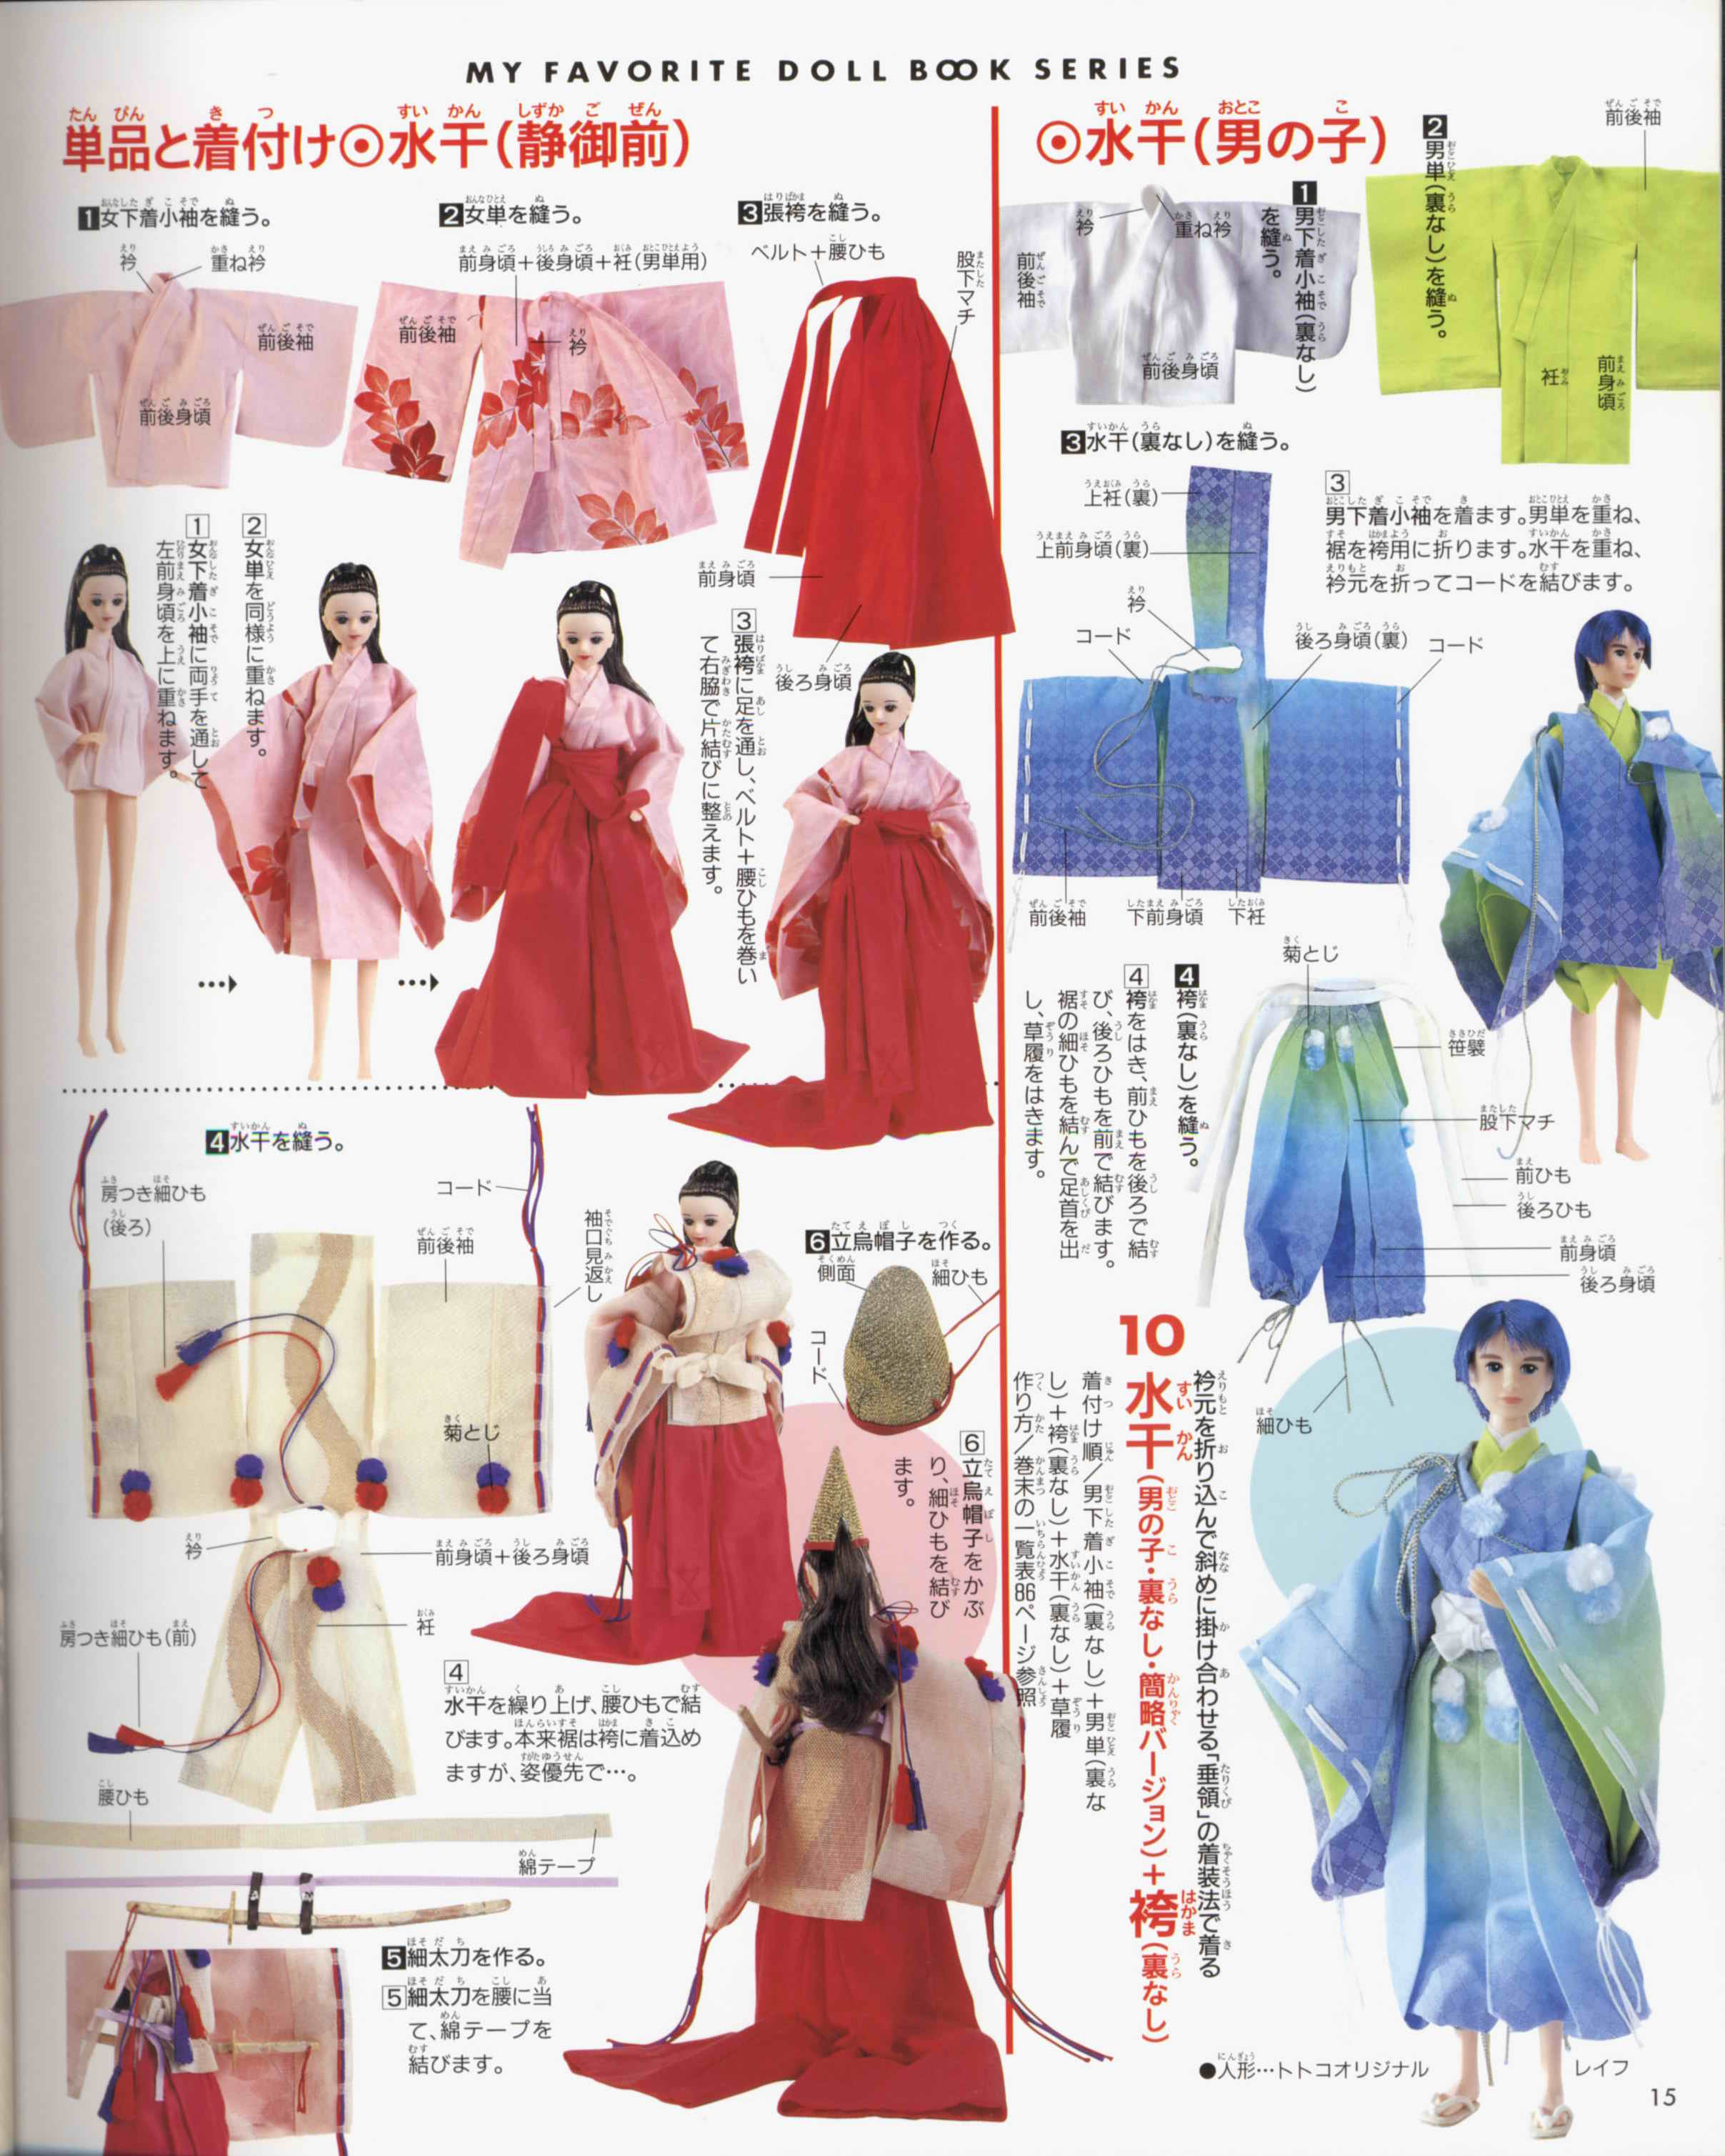 《芭比娃娃华丽服式制作(更新至jenny,licca)》